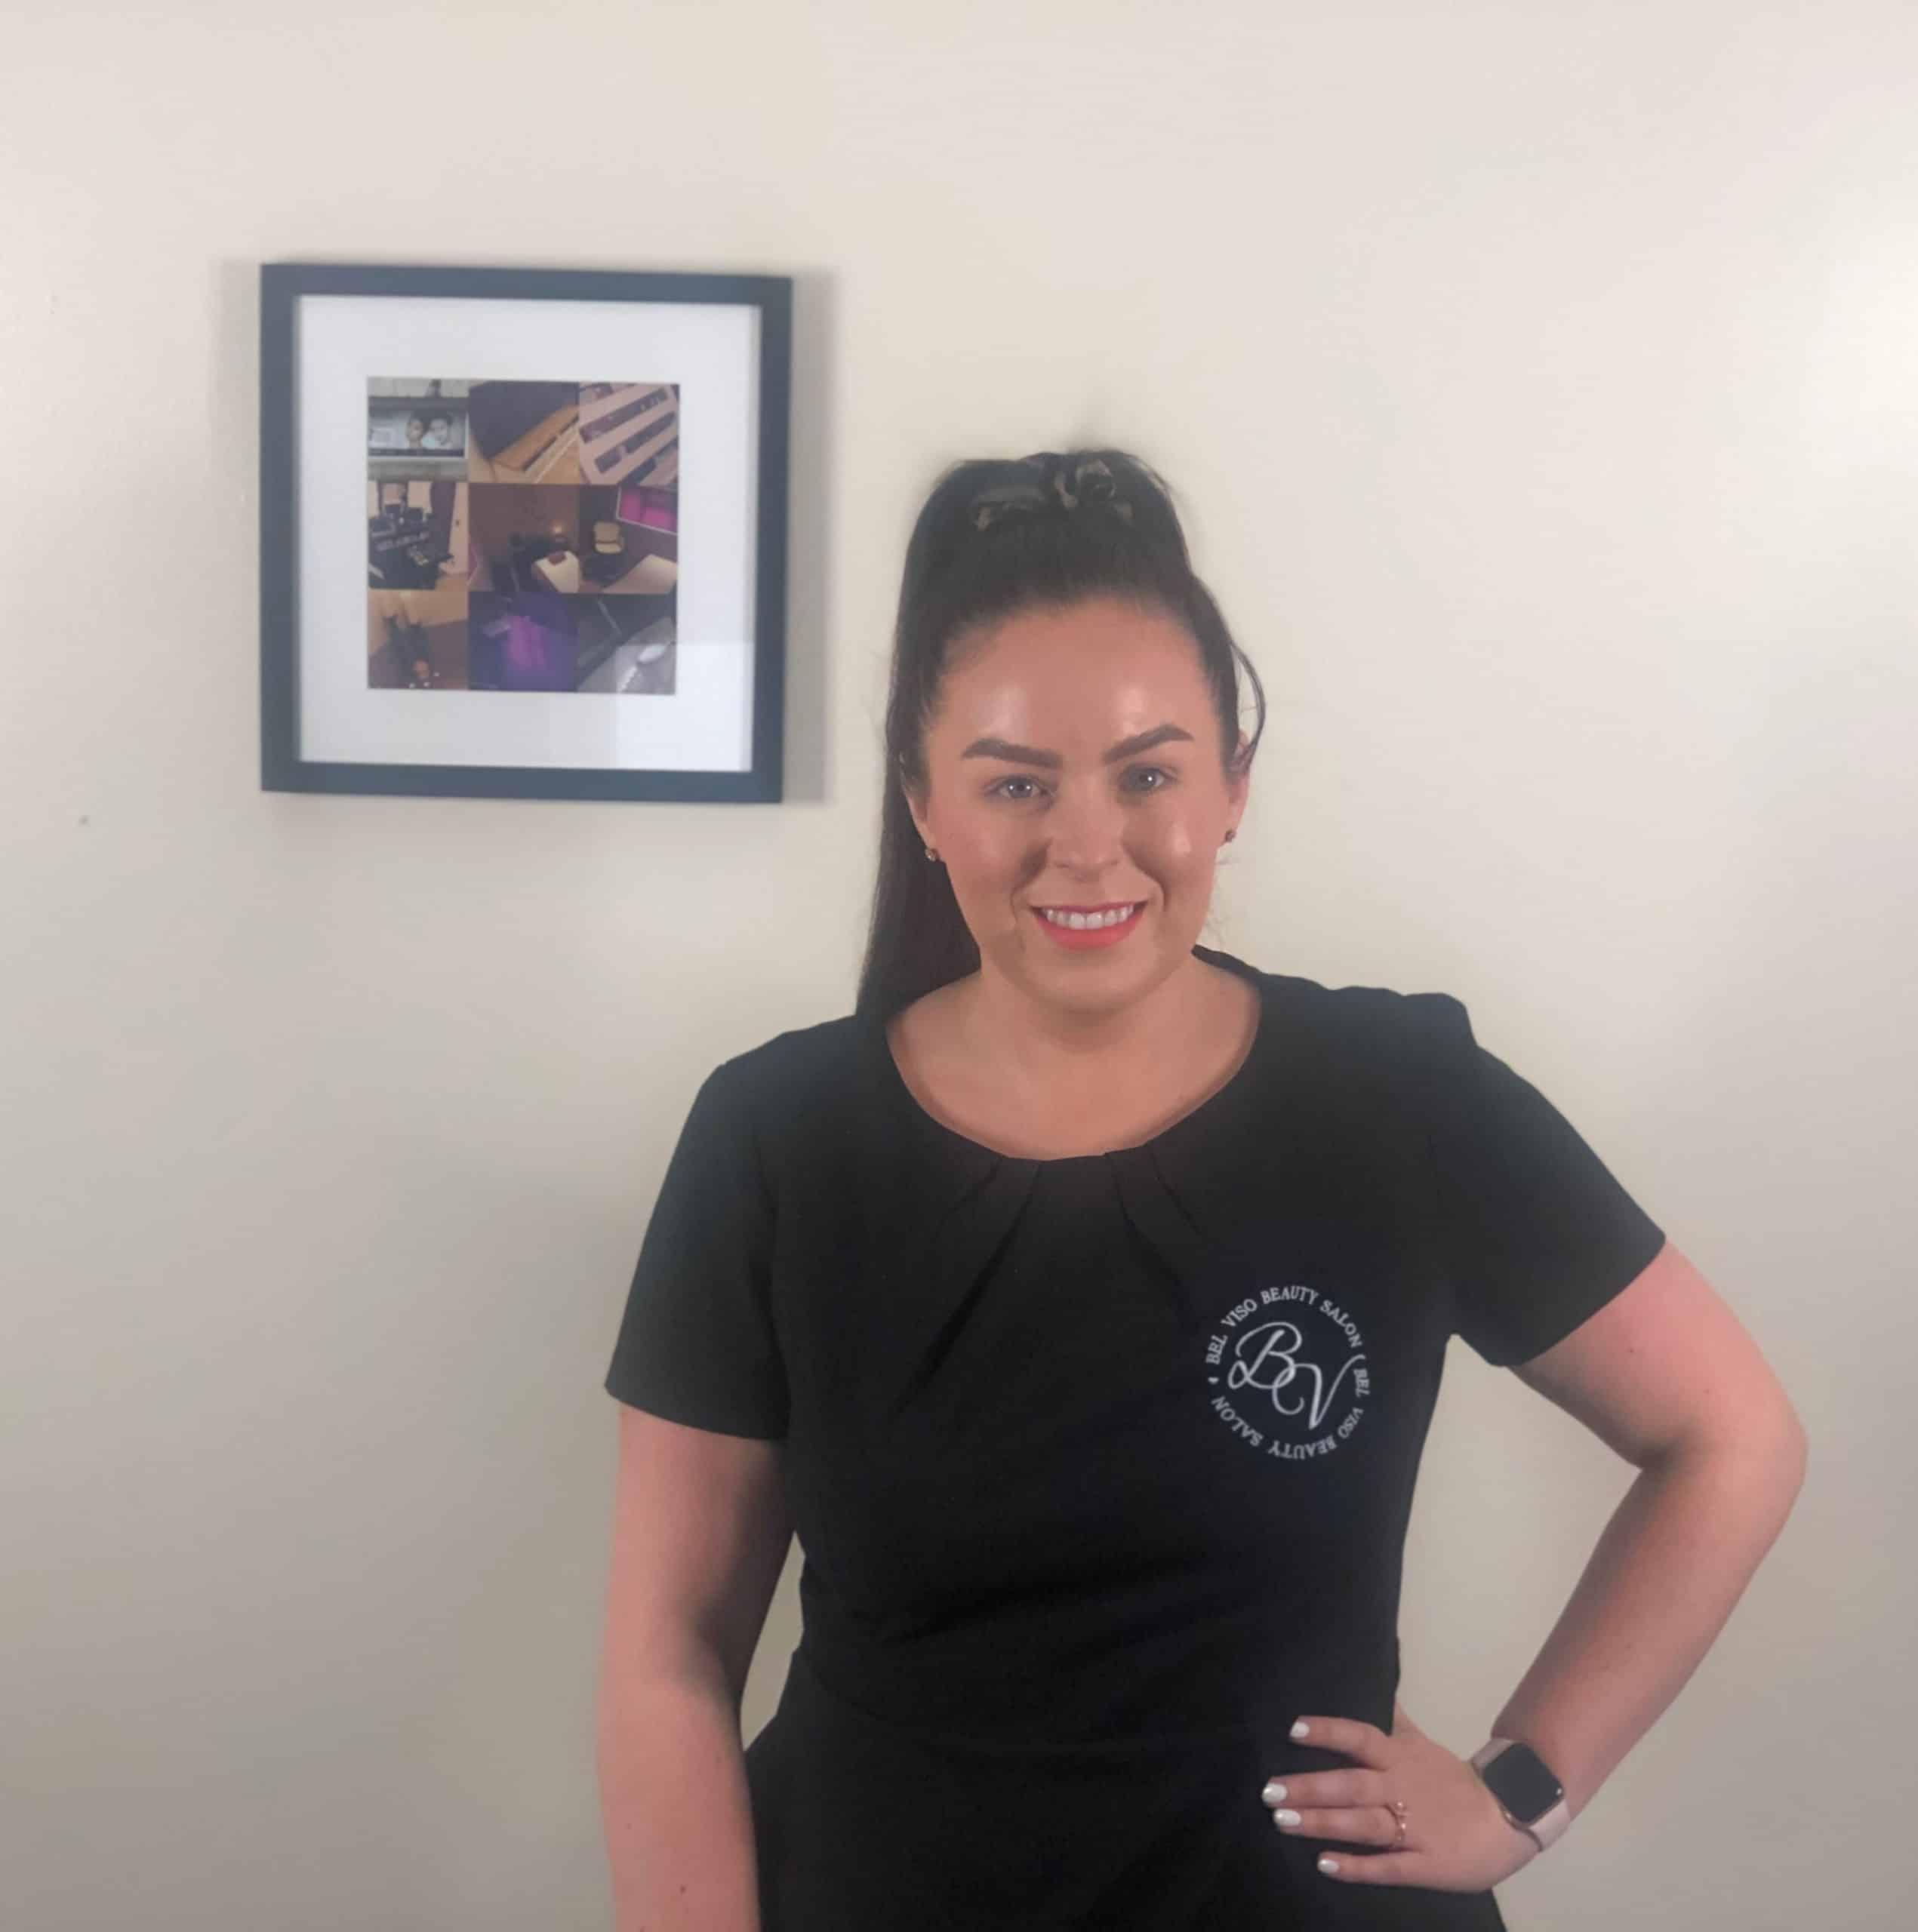 Samantha, Bel Viso Salon Owner